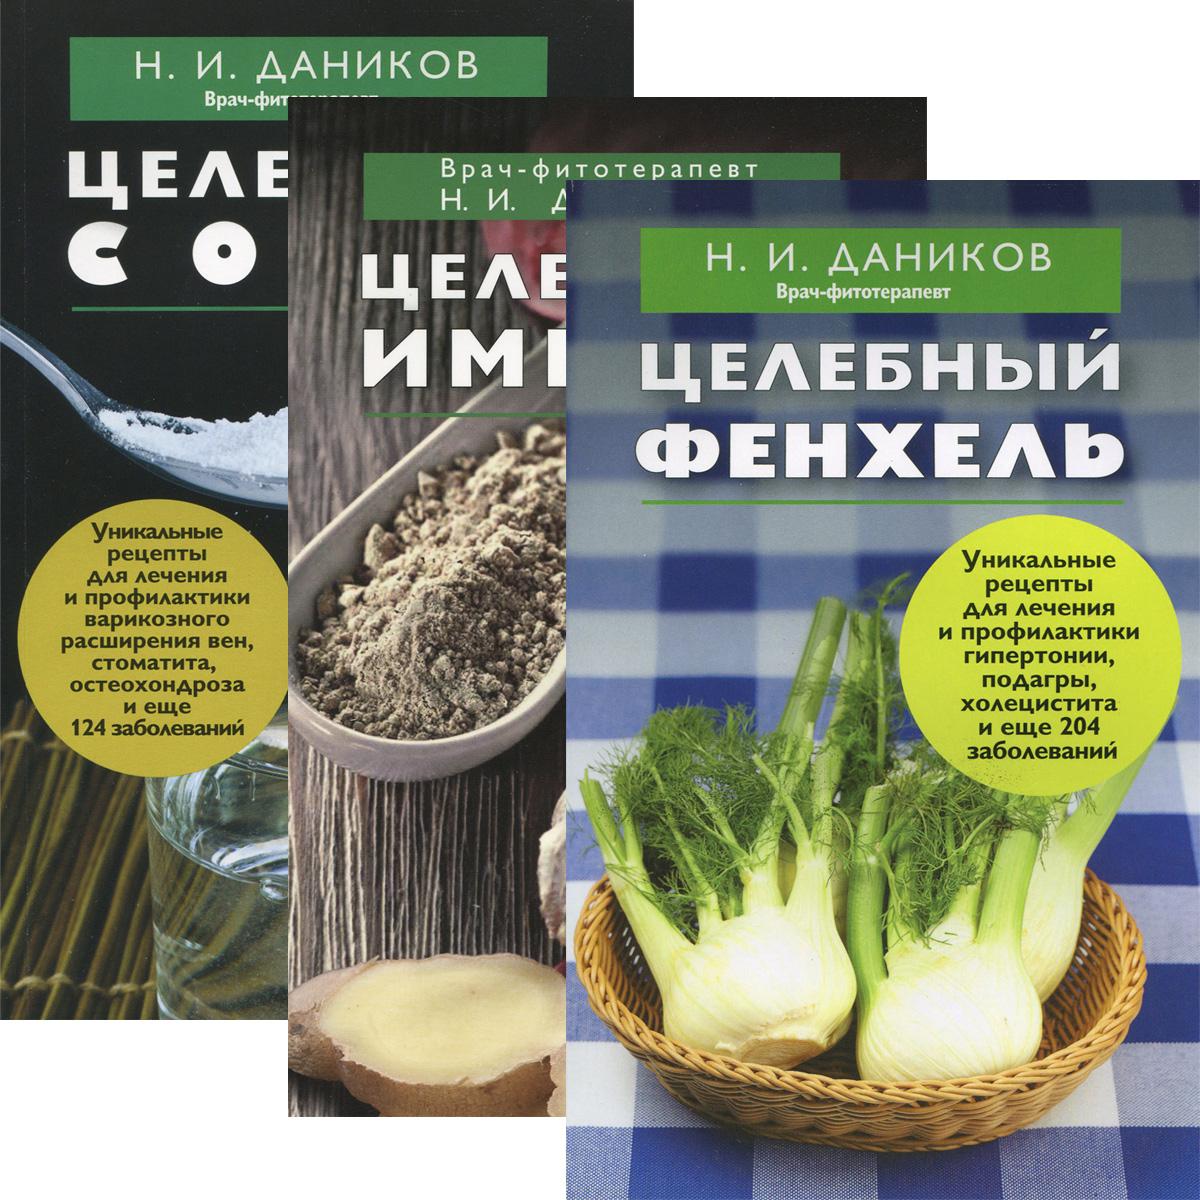 Целебная сода. Целебный имбирь. Целебный фенхель (комплект из 3 книг). Н. И. Даников